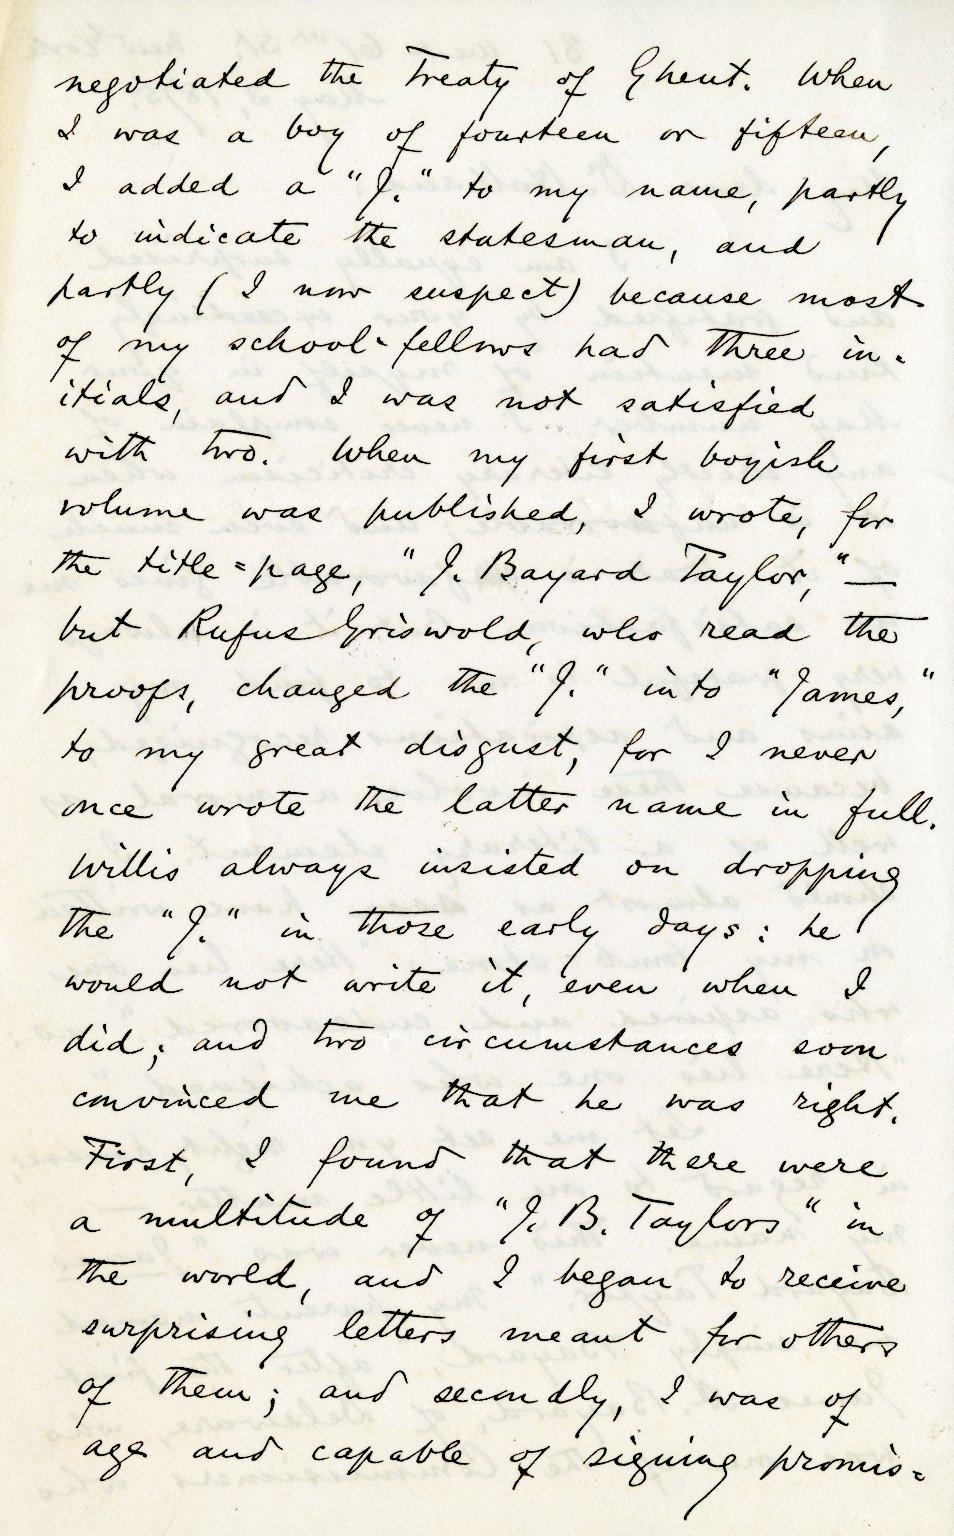 Taylor, Bayard. ALS, 4 pages, May 3, 1875.